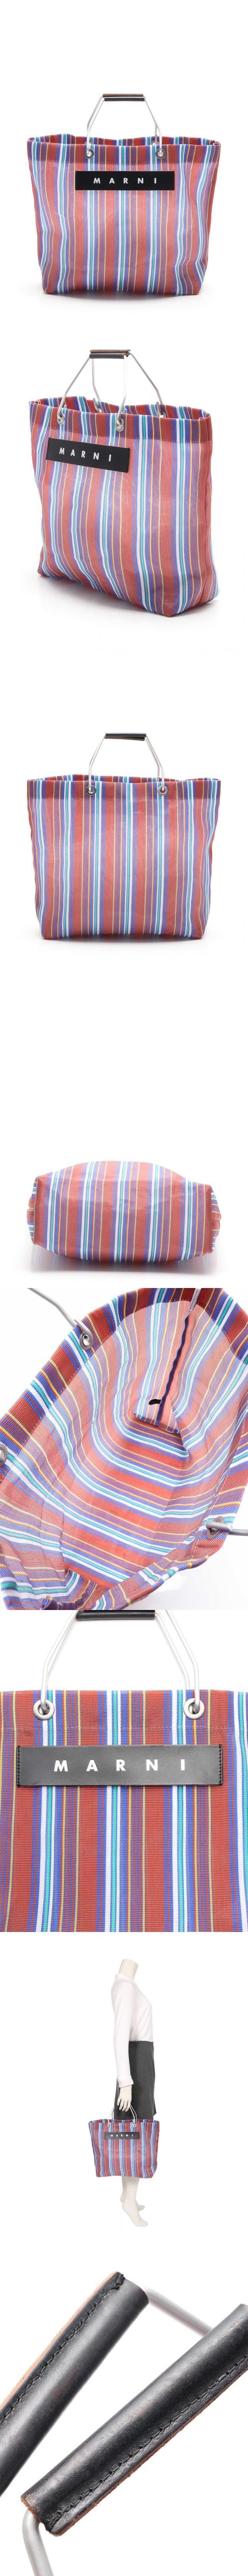 トートバッグ フラワーカフェ ストライプ マルチカラー メッシュ レザー FLOWER CAFE